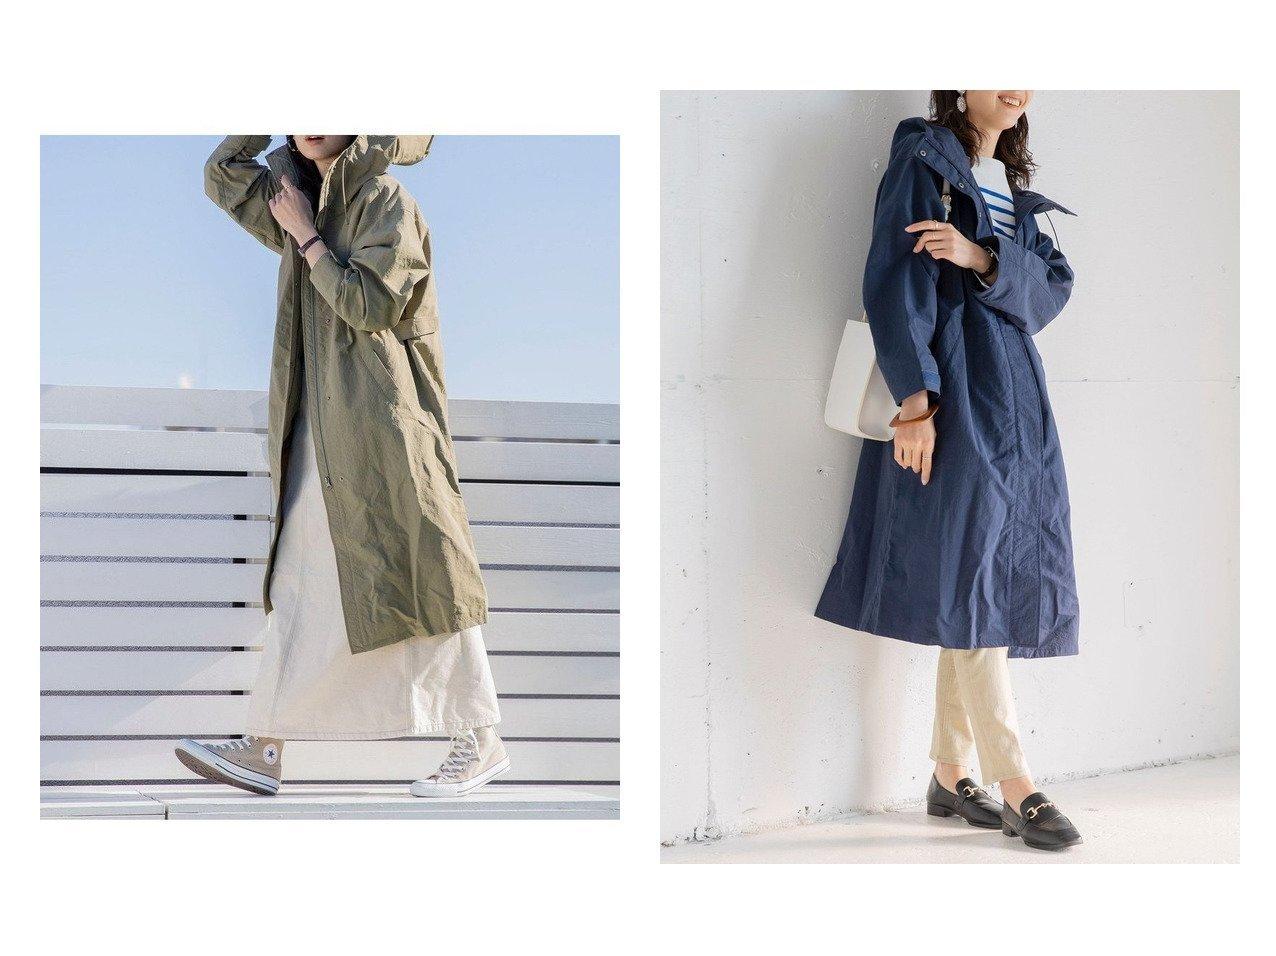 【COEN/コーエン】のSIERRATEX(シエラテックス)ロングシェル撥水スプリングコート#(フード付きコート/フーディ/フーデット/モッズコート/春アウター) 【アウター】おすすめ!人気、トレンド・レディースファッションの通販 | レディースファッション・服の通販 founy(ファニー)